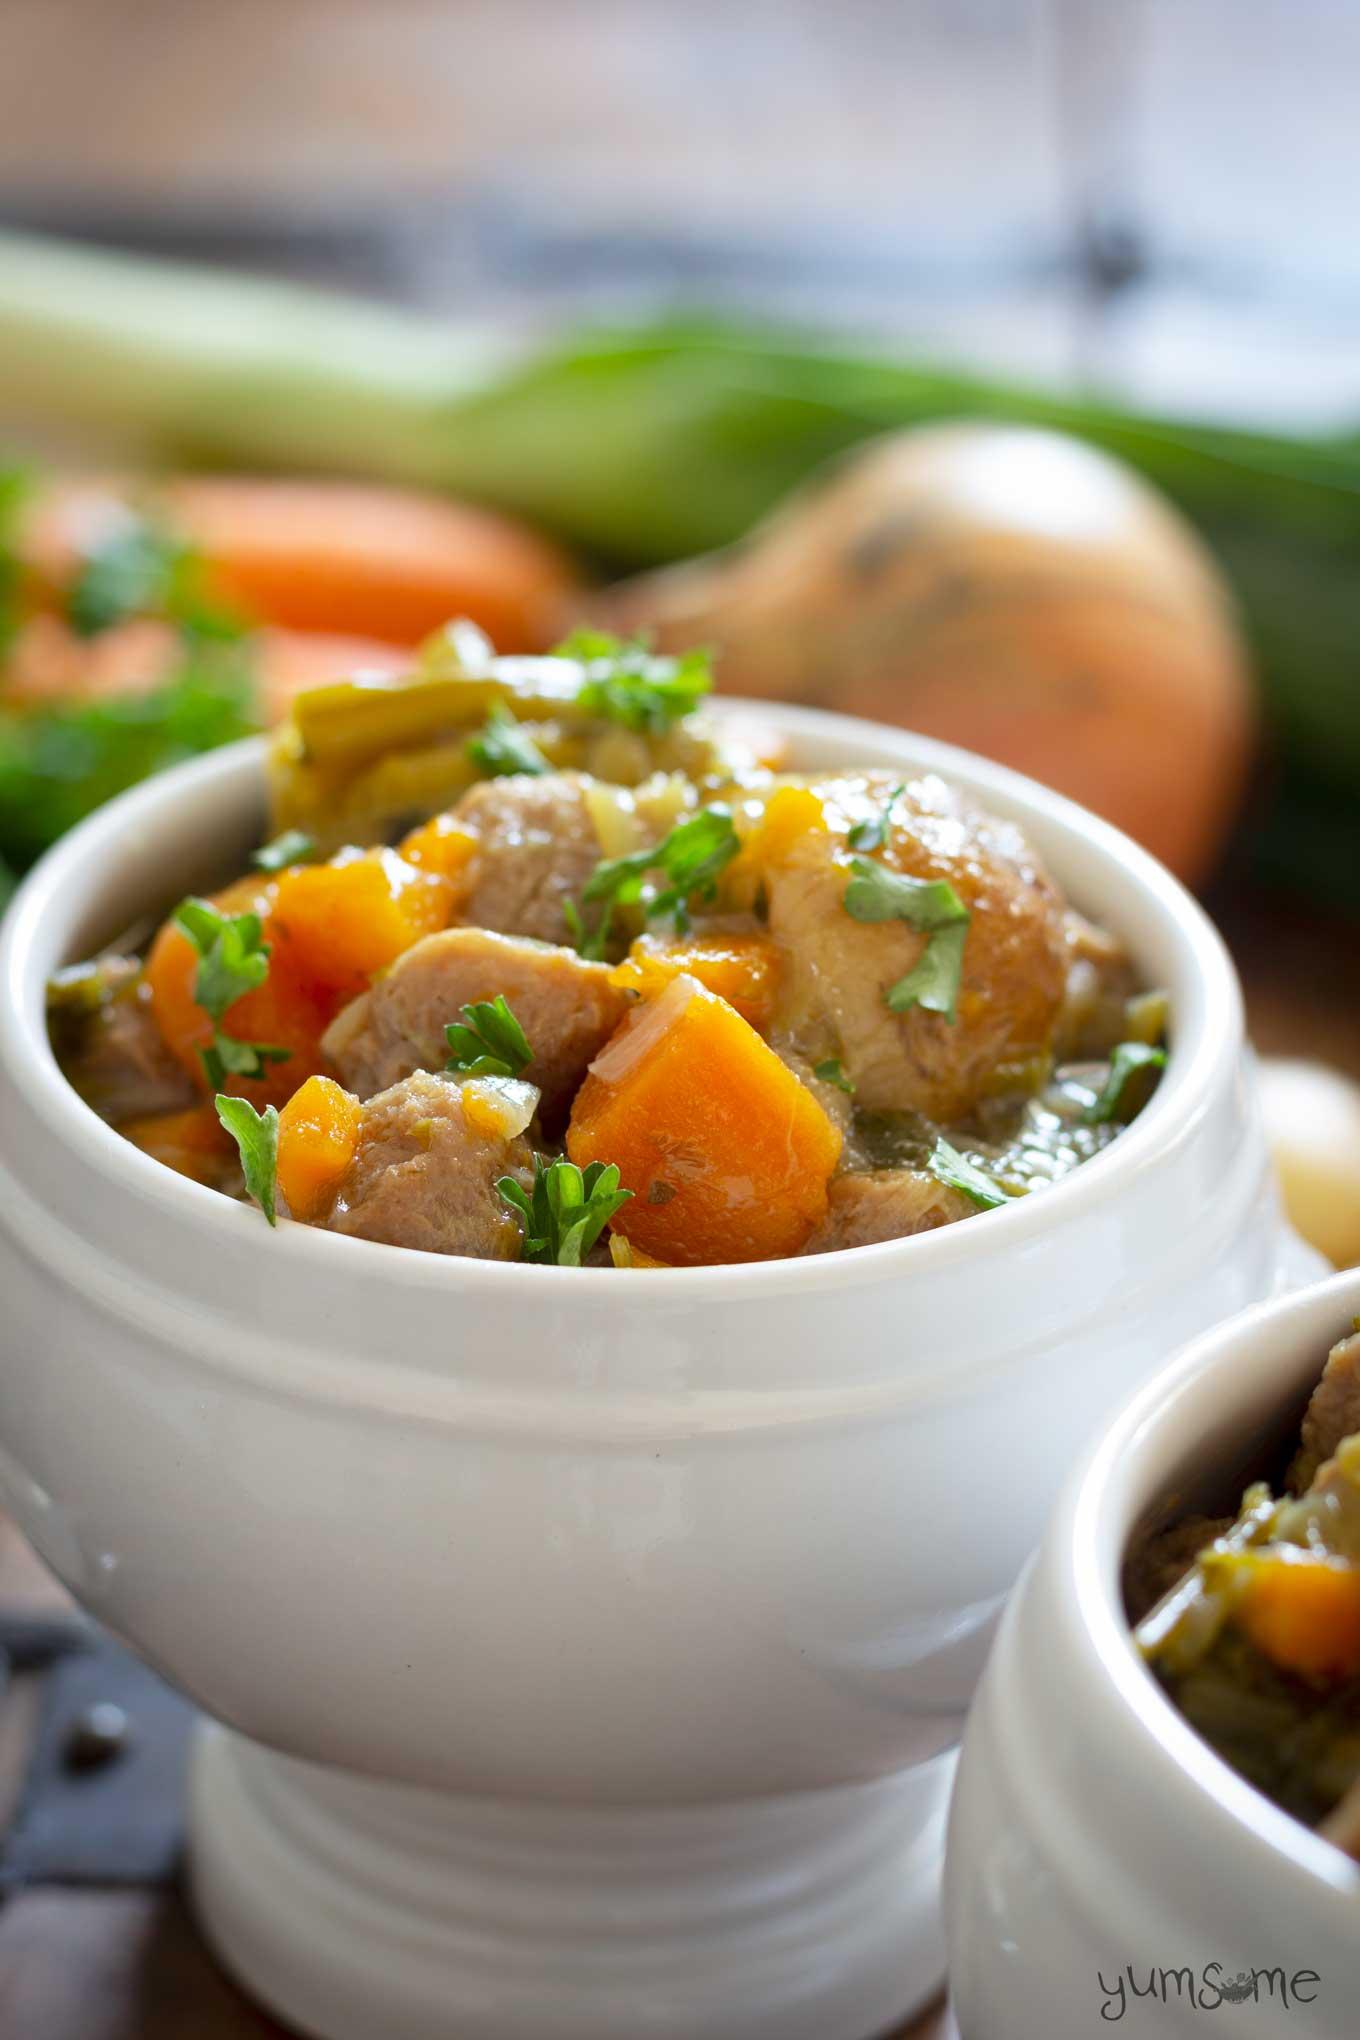 Simple vegan Irish stew in a white bowl.